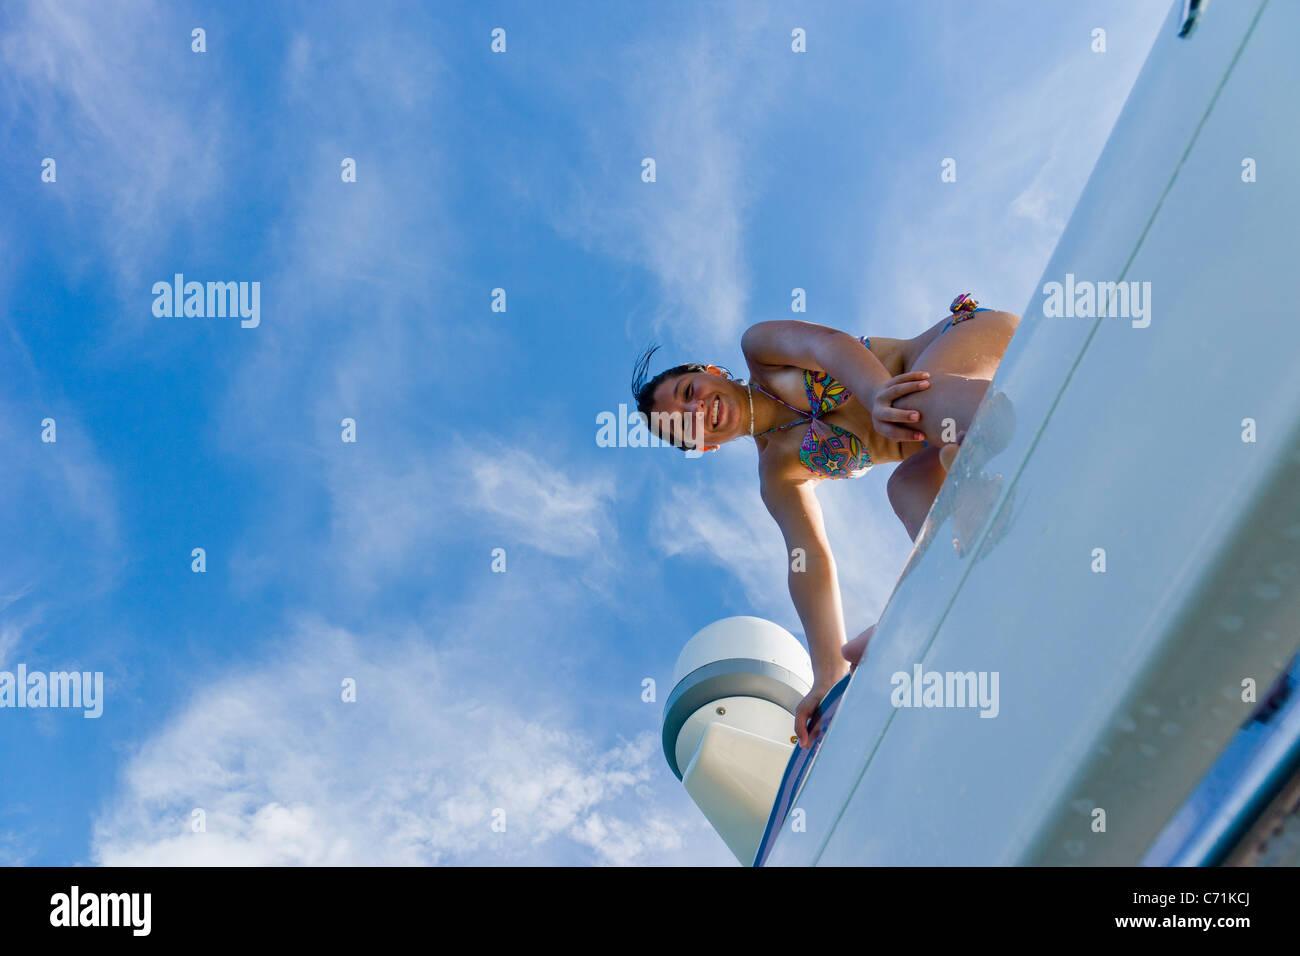 Chica en la parte superior del yate, sonriendo, Retrato Imagen De Stock